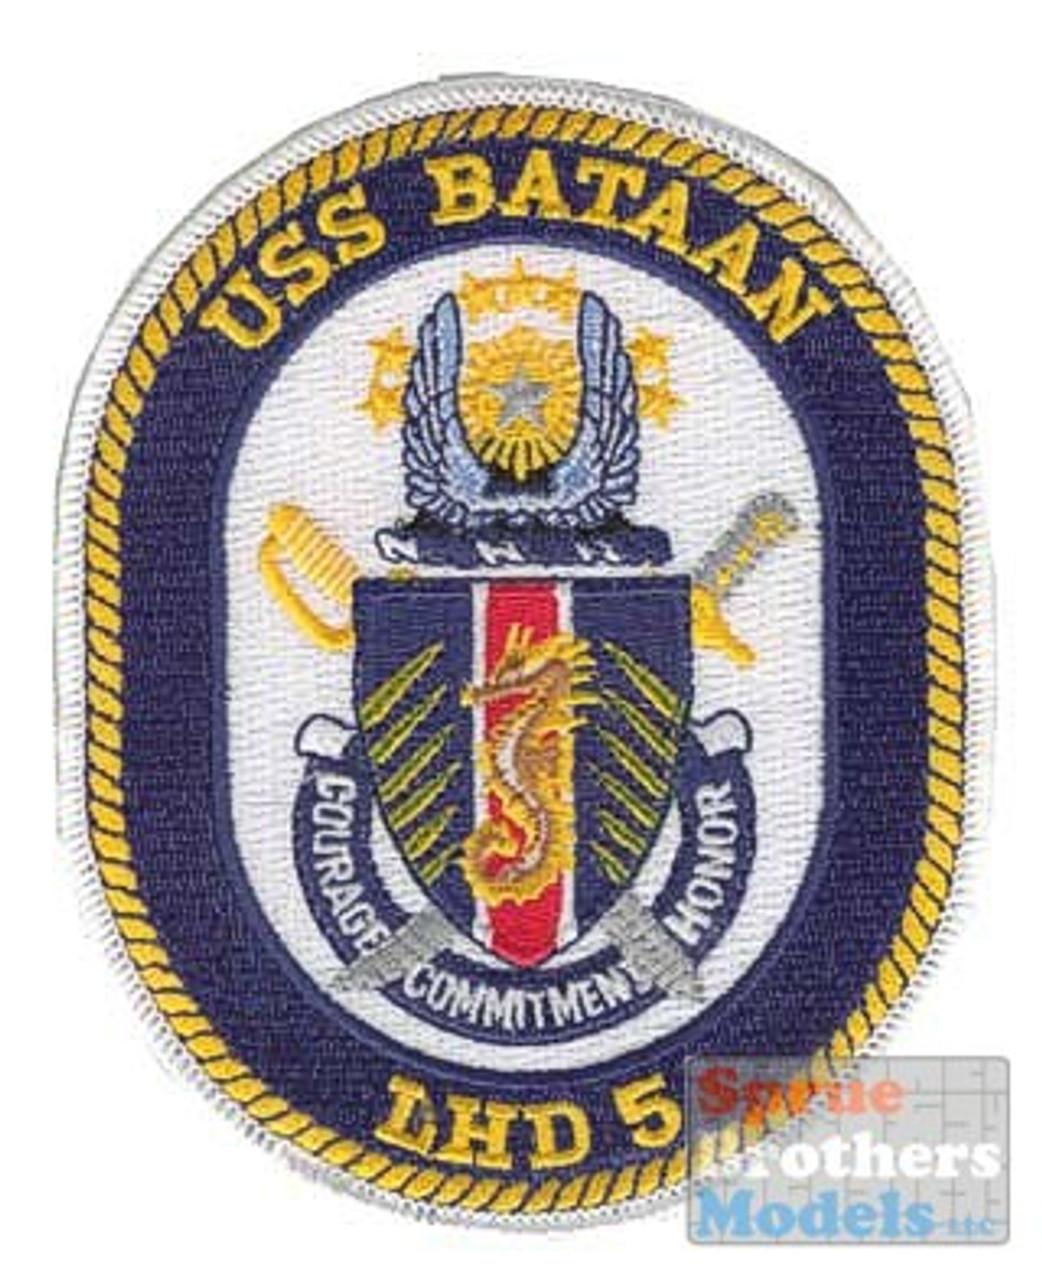 ECR70529 Patch - USS Bataan LHD-5